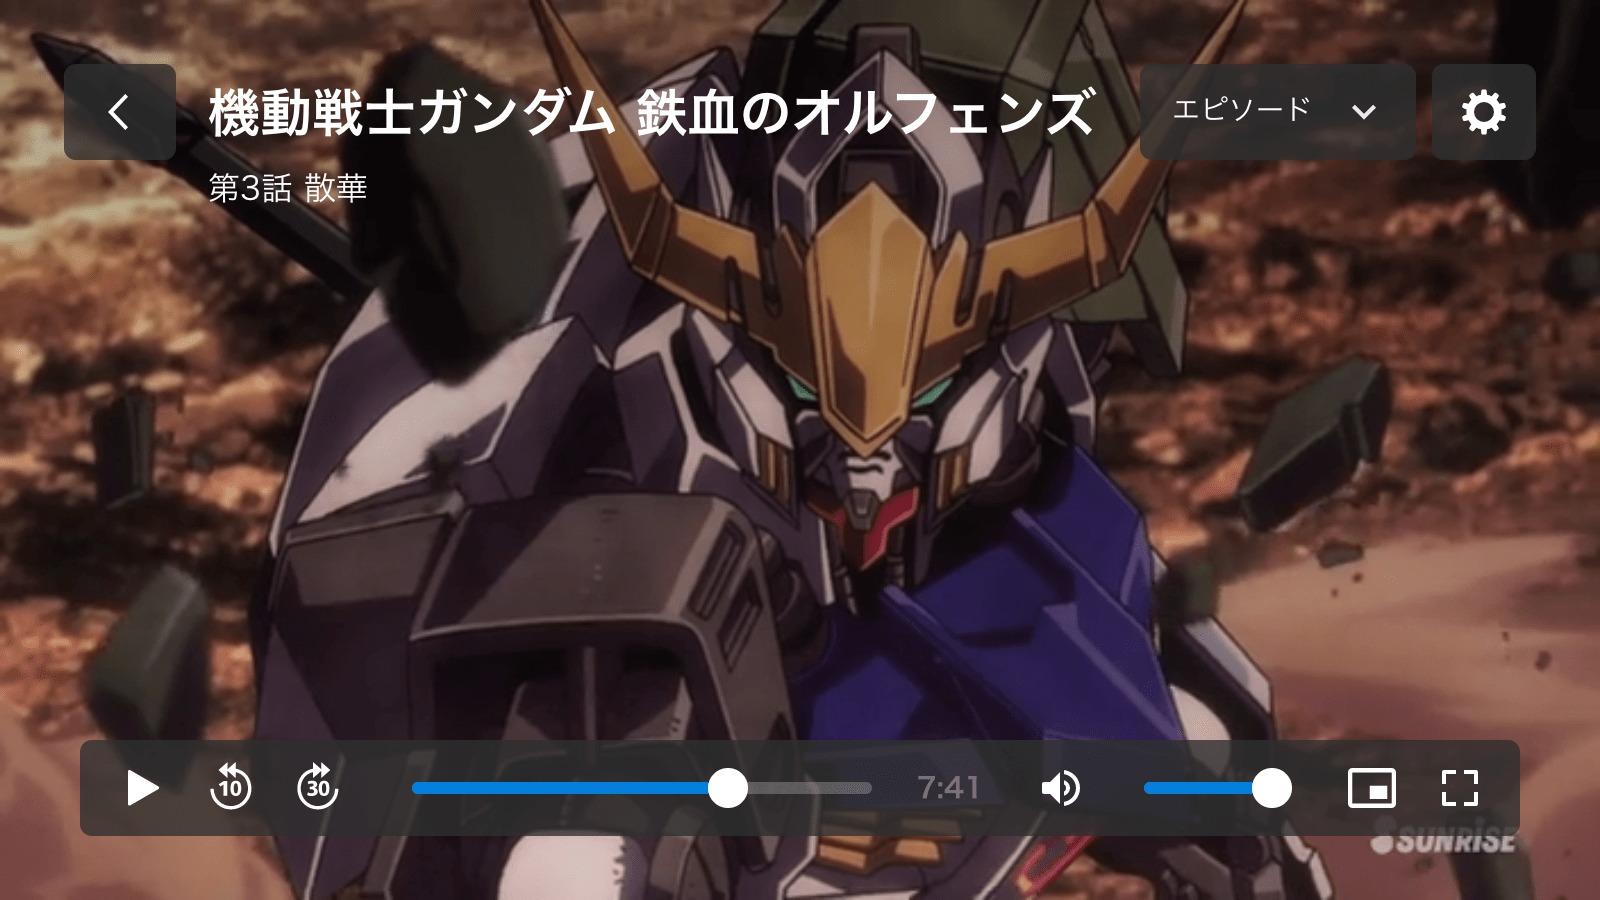 U-NEXTの再生画面